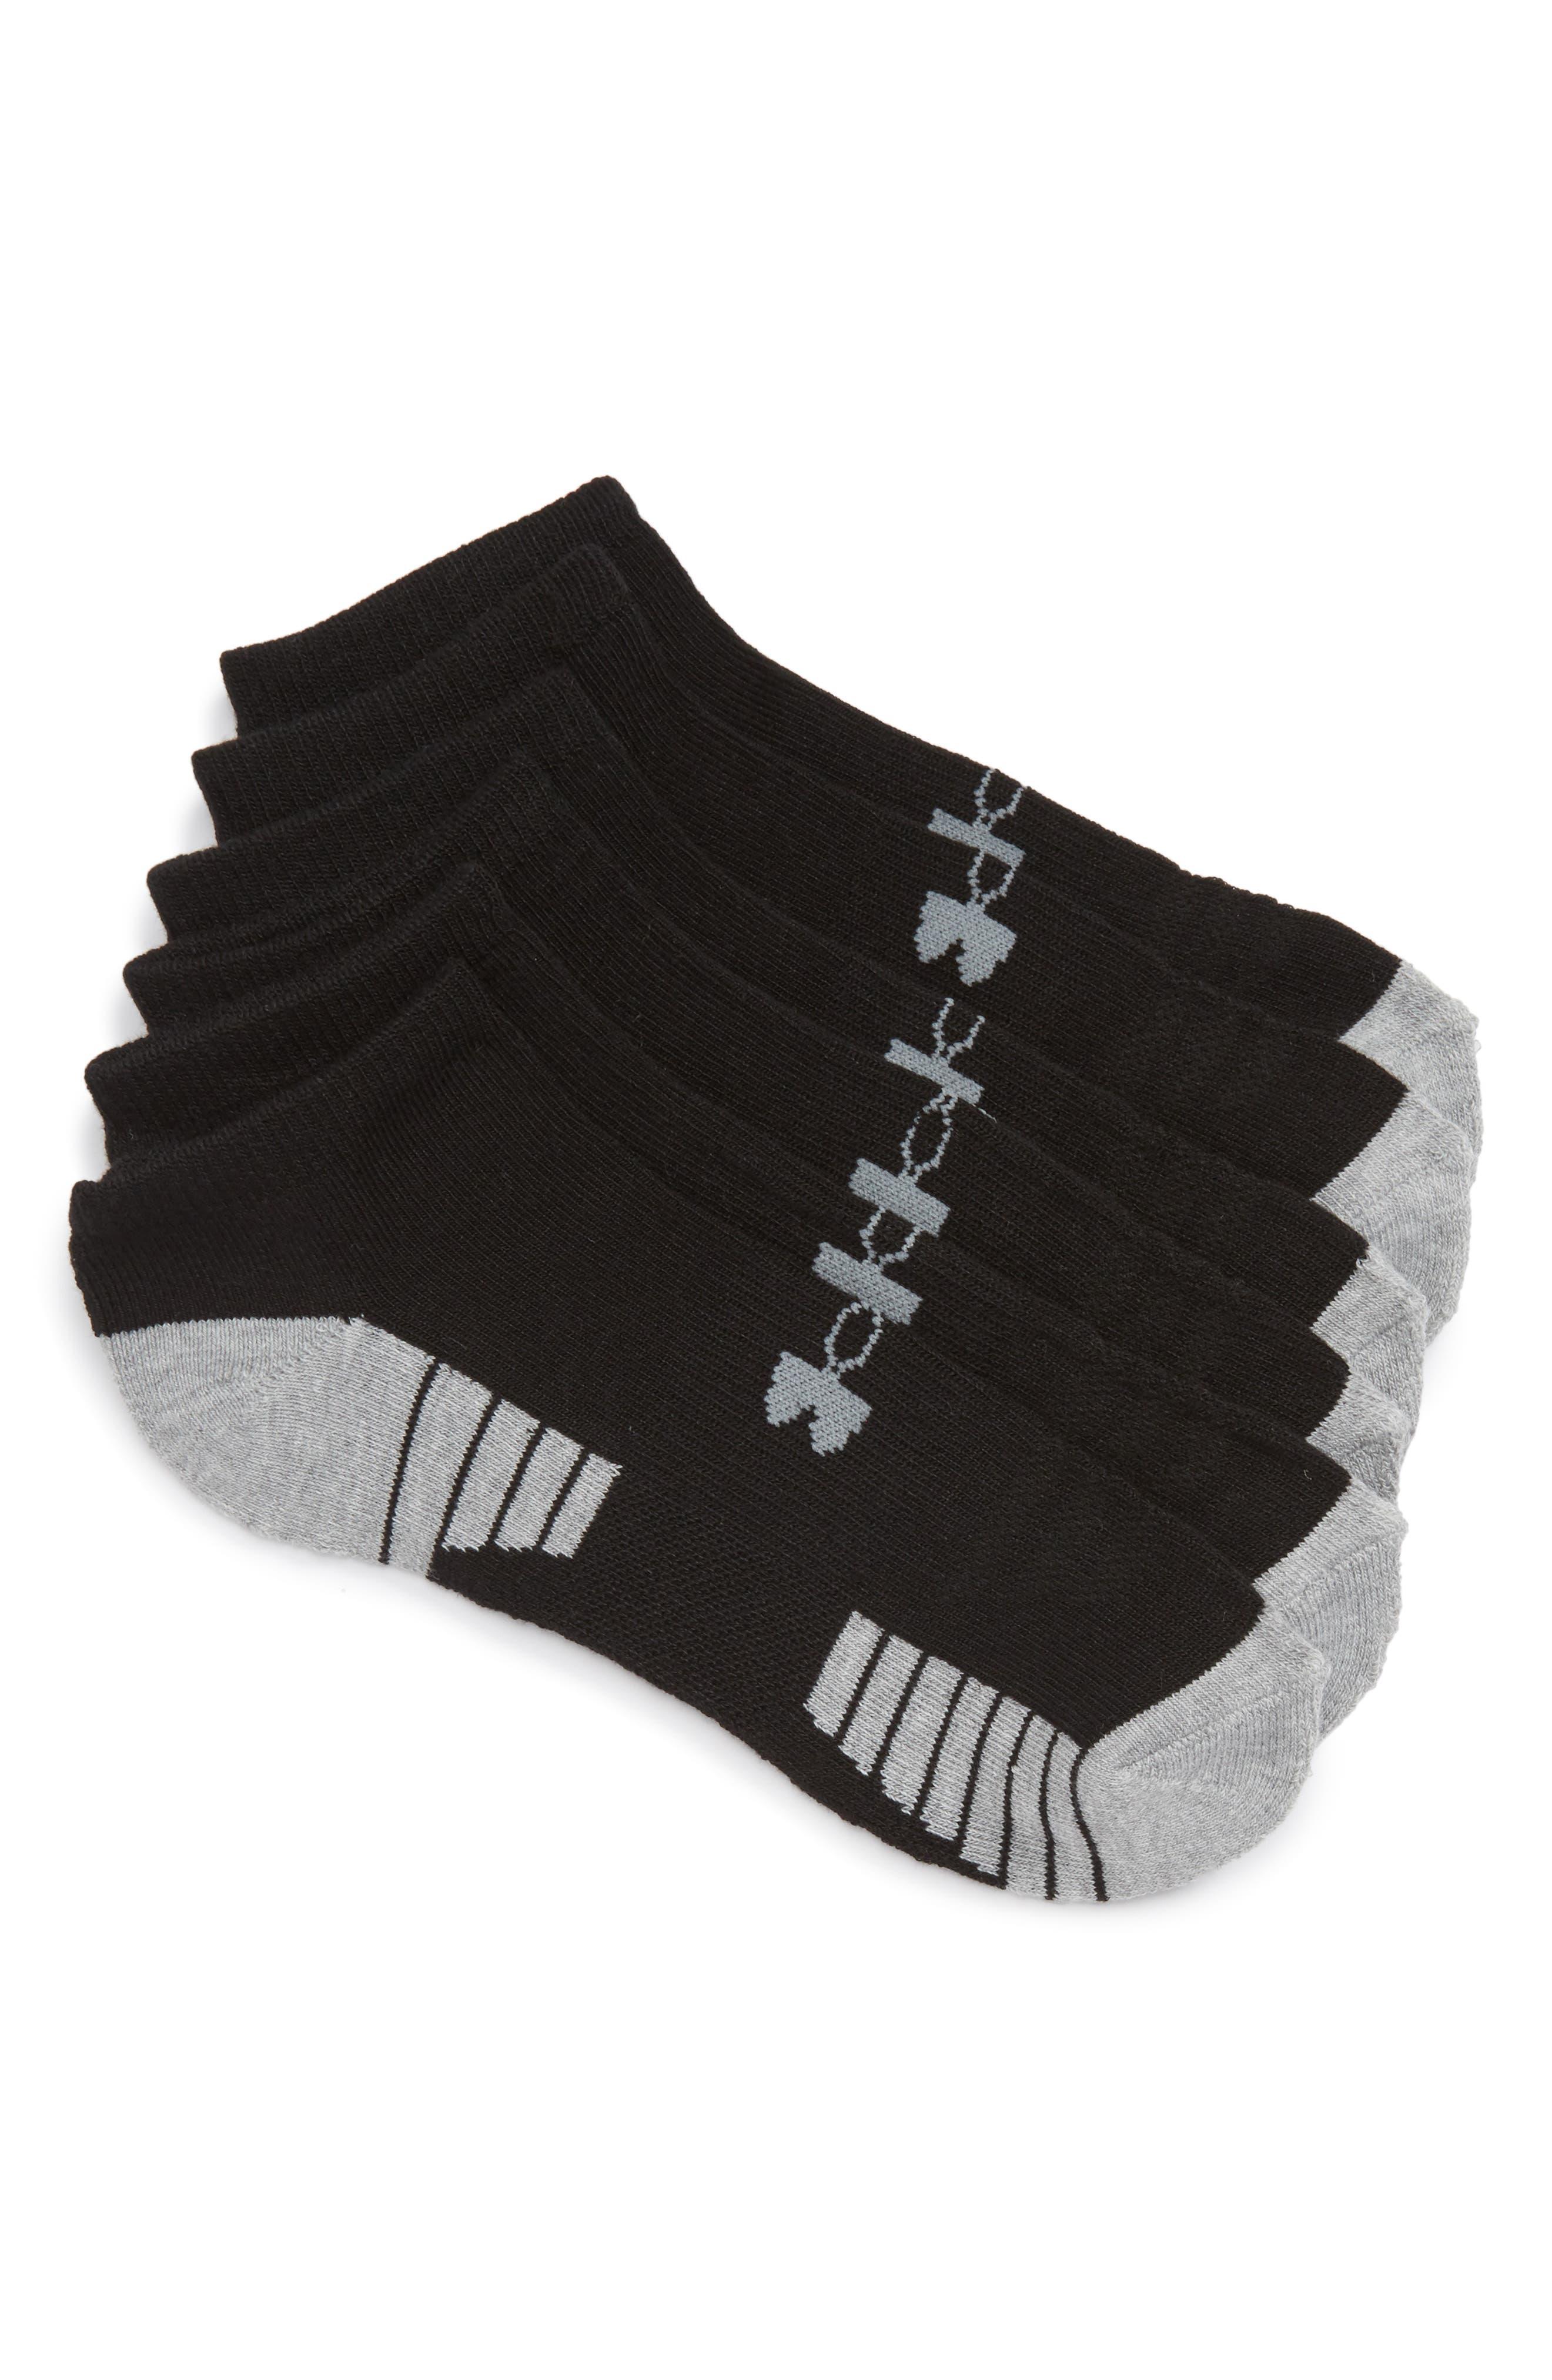 HeatGear 3-Pack No-Show Socks,                         Main,                         color, 001